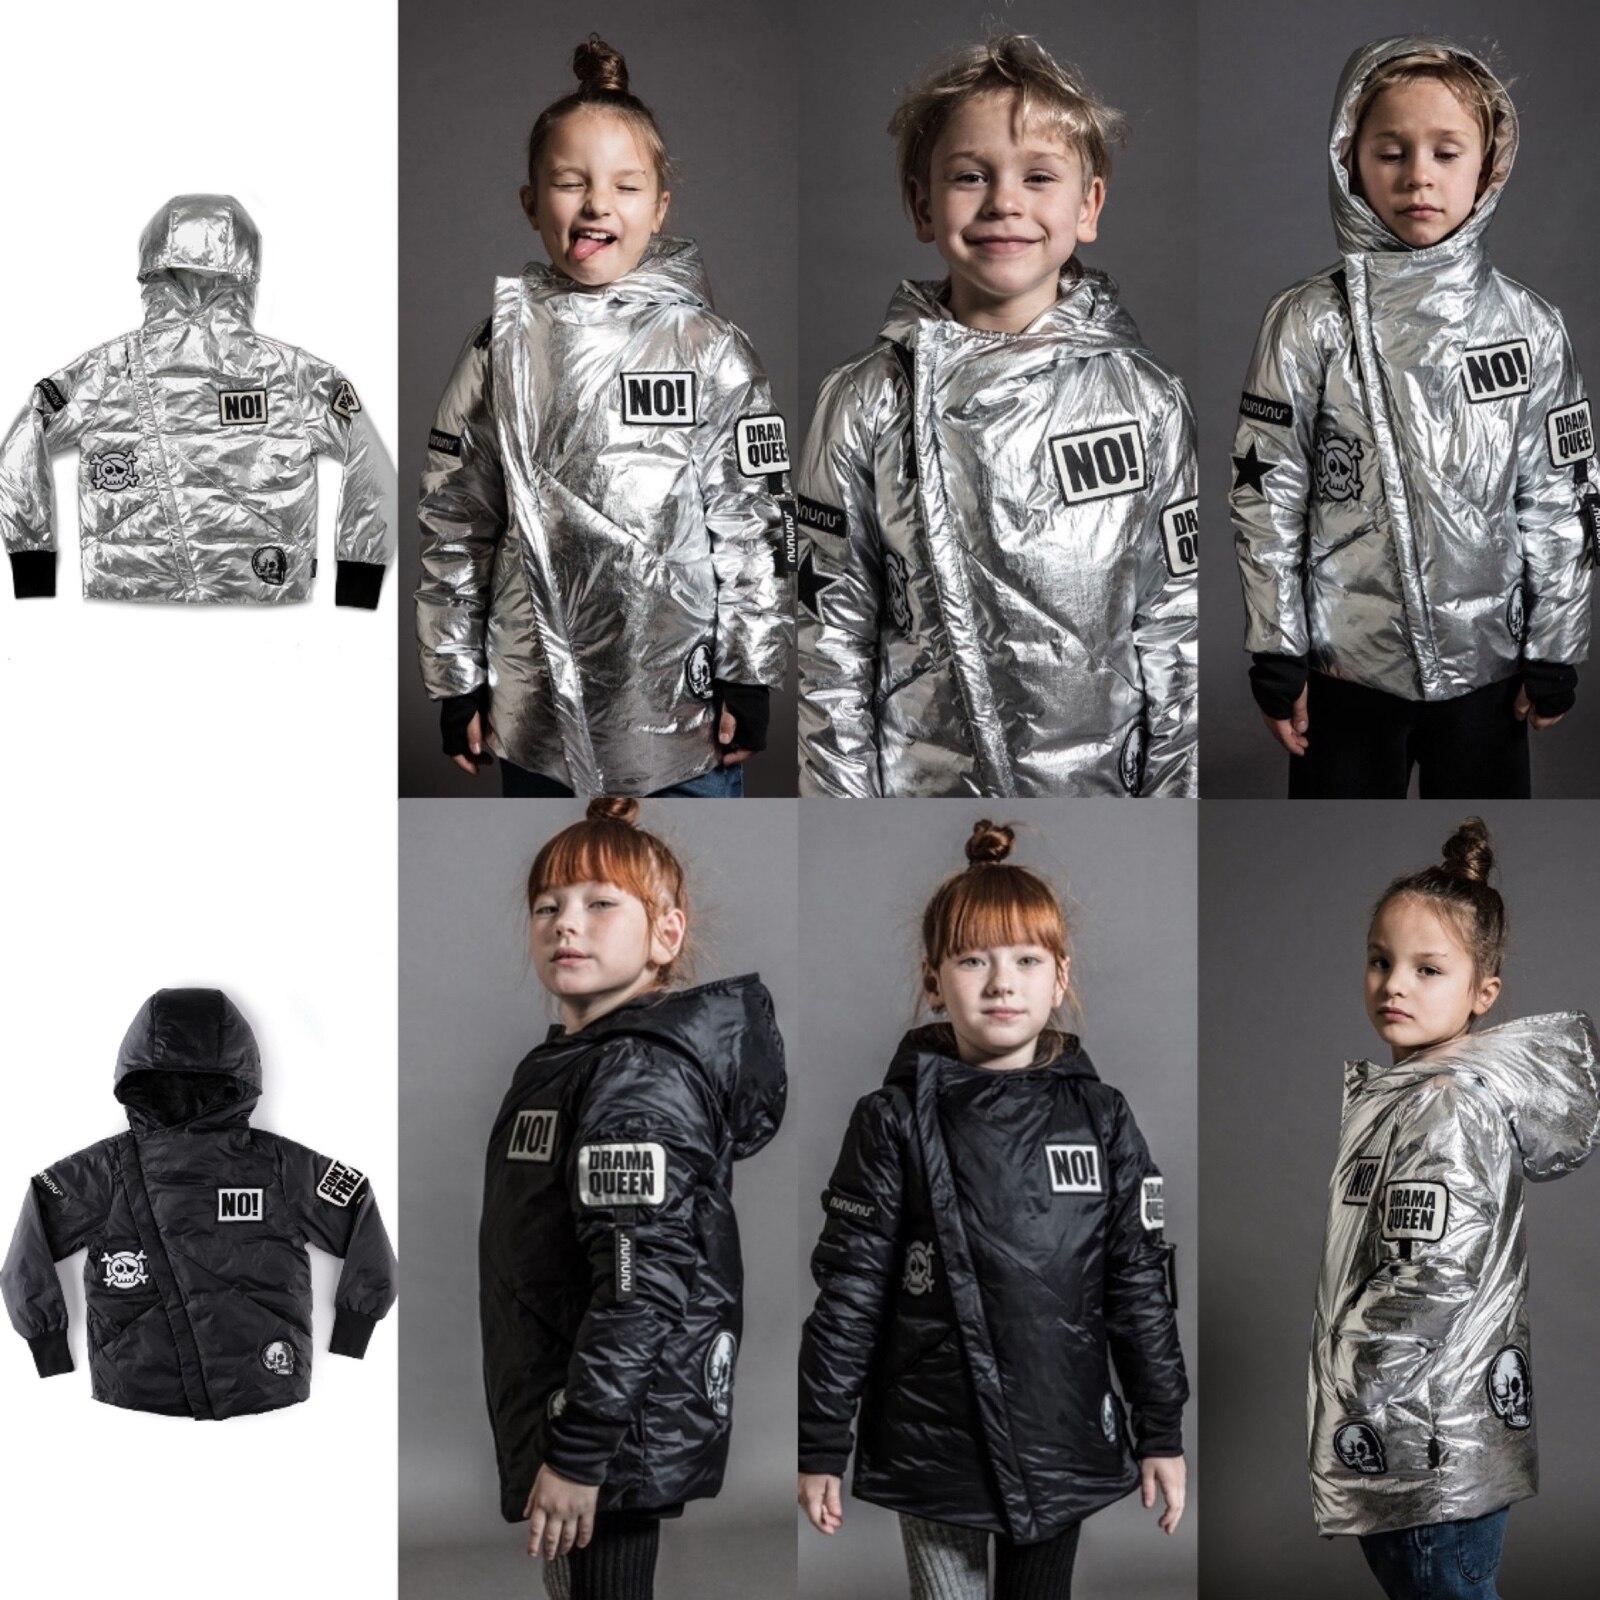 Thanksgiving enfants manteau avec capuche manteau d'hiver pour enfants bébé fille vêtements enfants doudoune enfant en bas âge fille manteau d'hiver